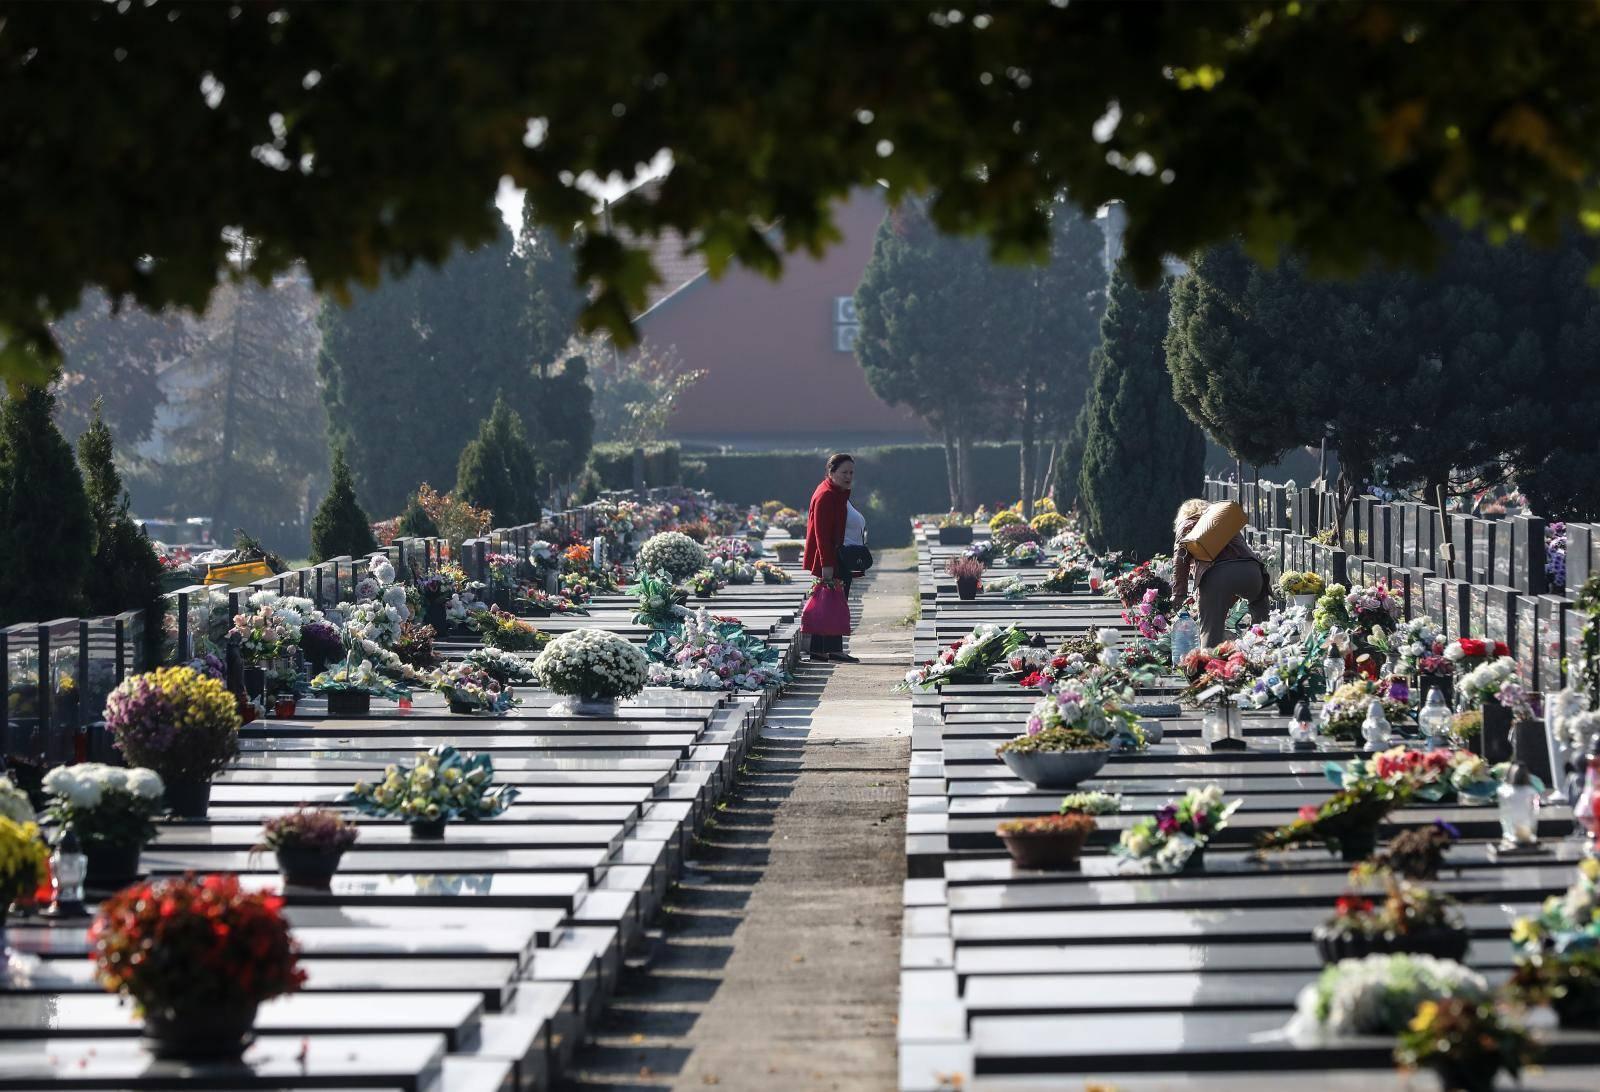 Građani uređuju grobnice prije blagdana Svih svetih